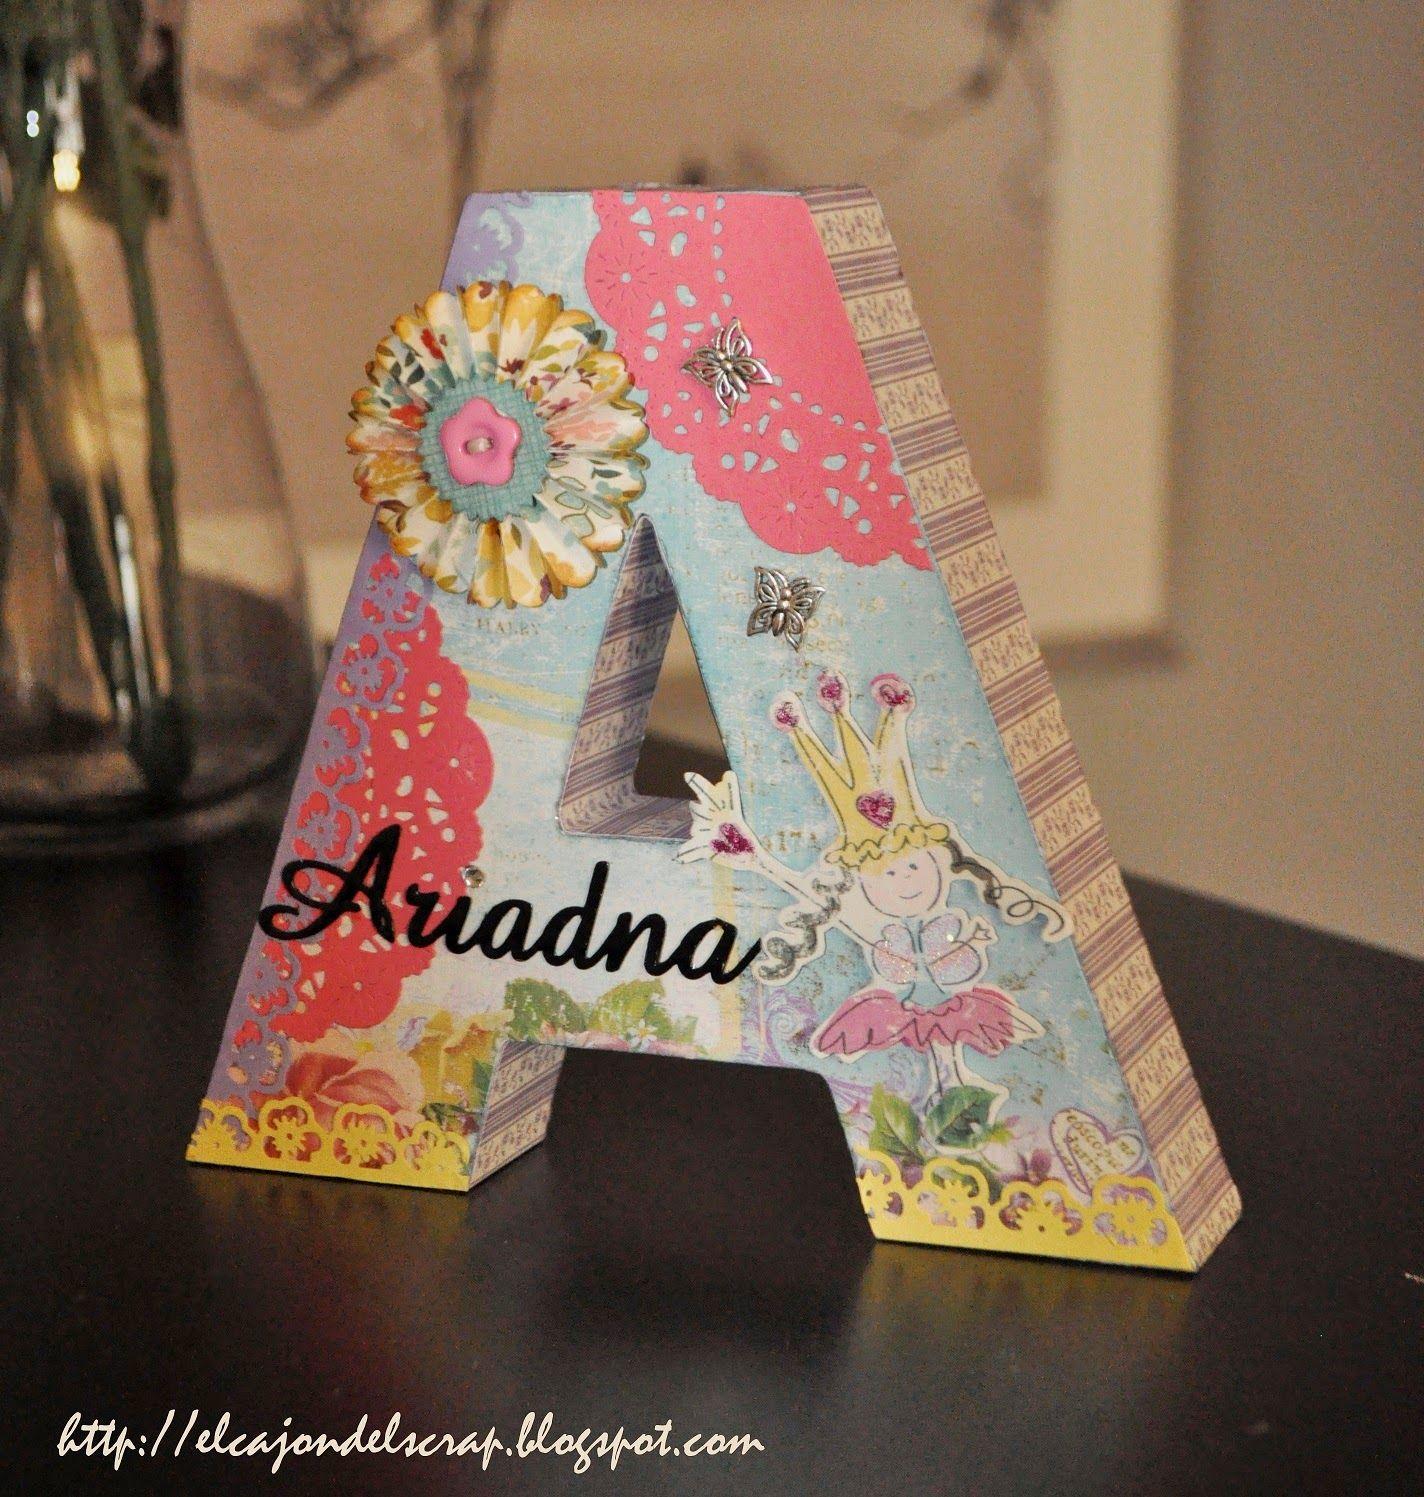 El caj n del scrap letras decoradas con scrapbooking letras pinterest letras decoradas - Letras decoradas scrap ...